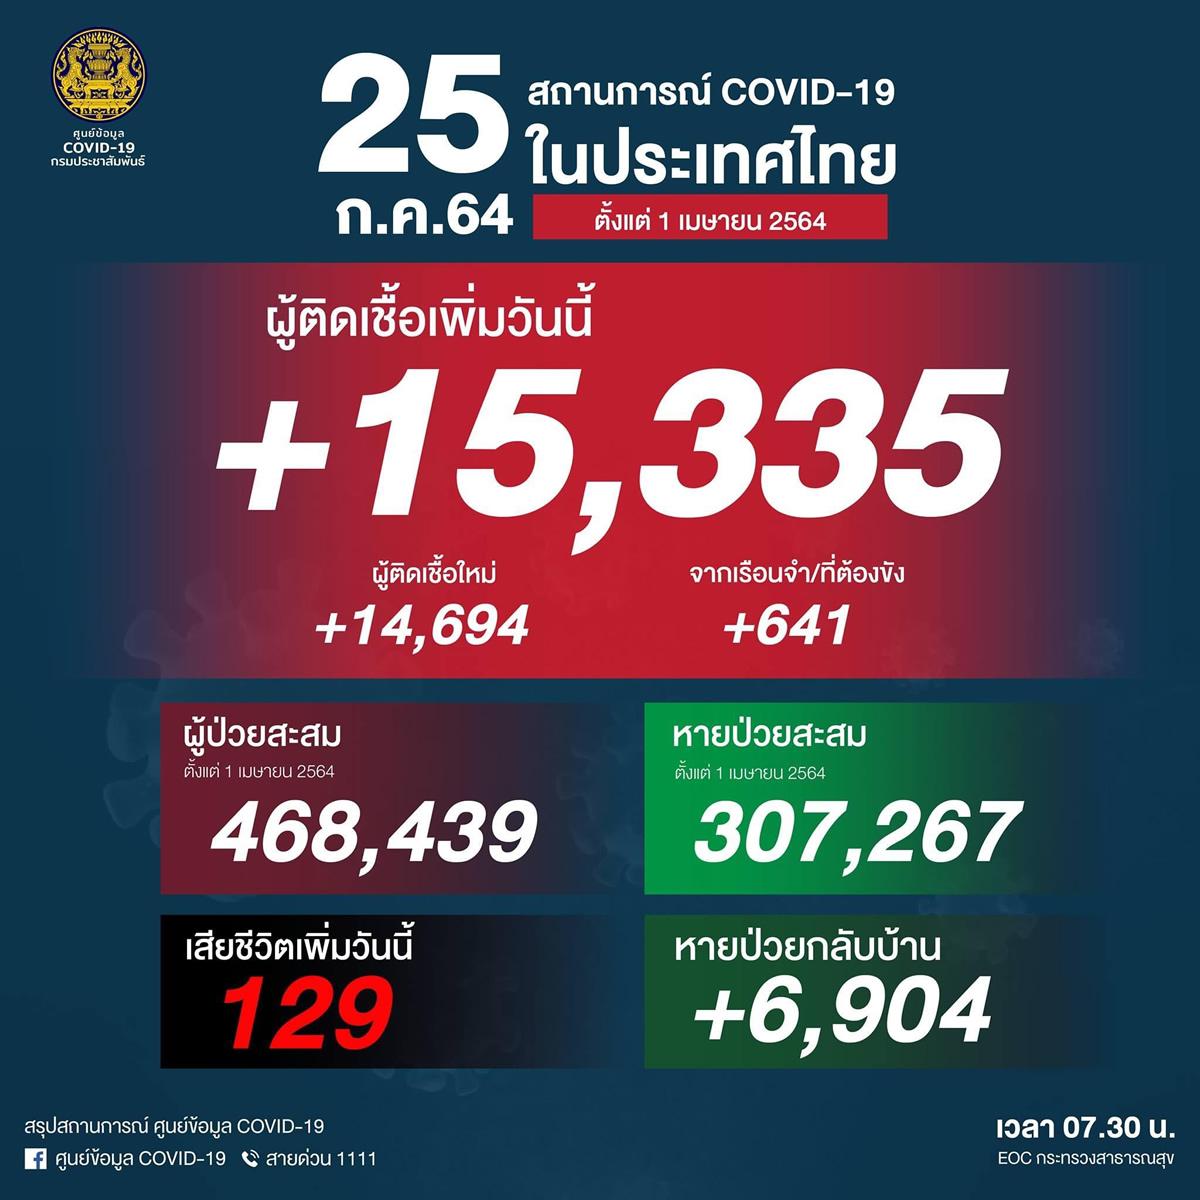 タイ過去最多の15,335人陽性(刑務所641人)、129人死亡[2021/7/24]